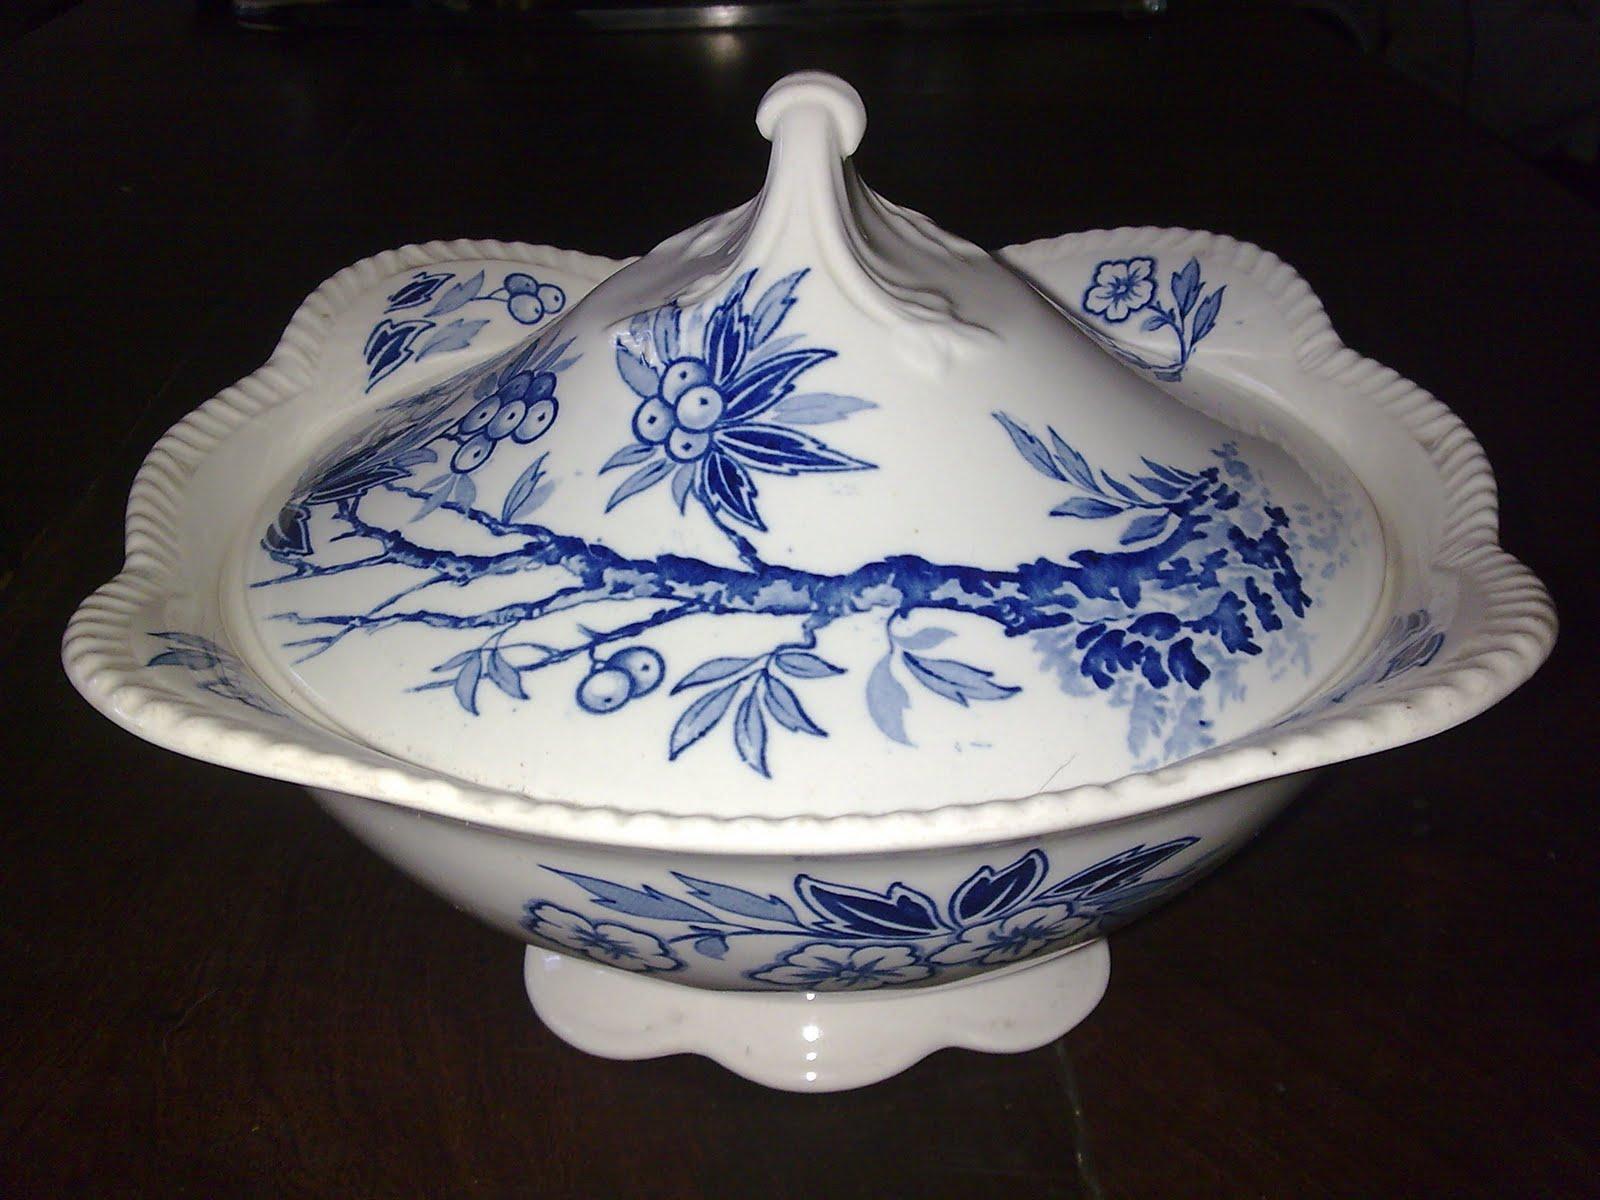 Vajilla antigua de porcelana images - Porcelana inglesa antigua ...